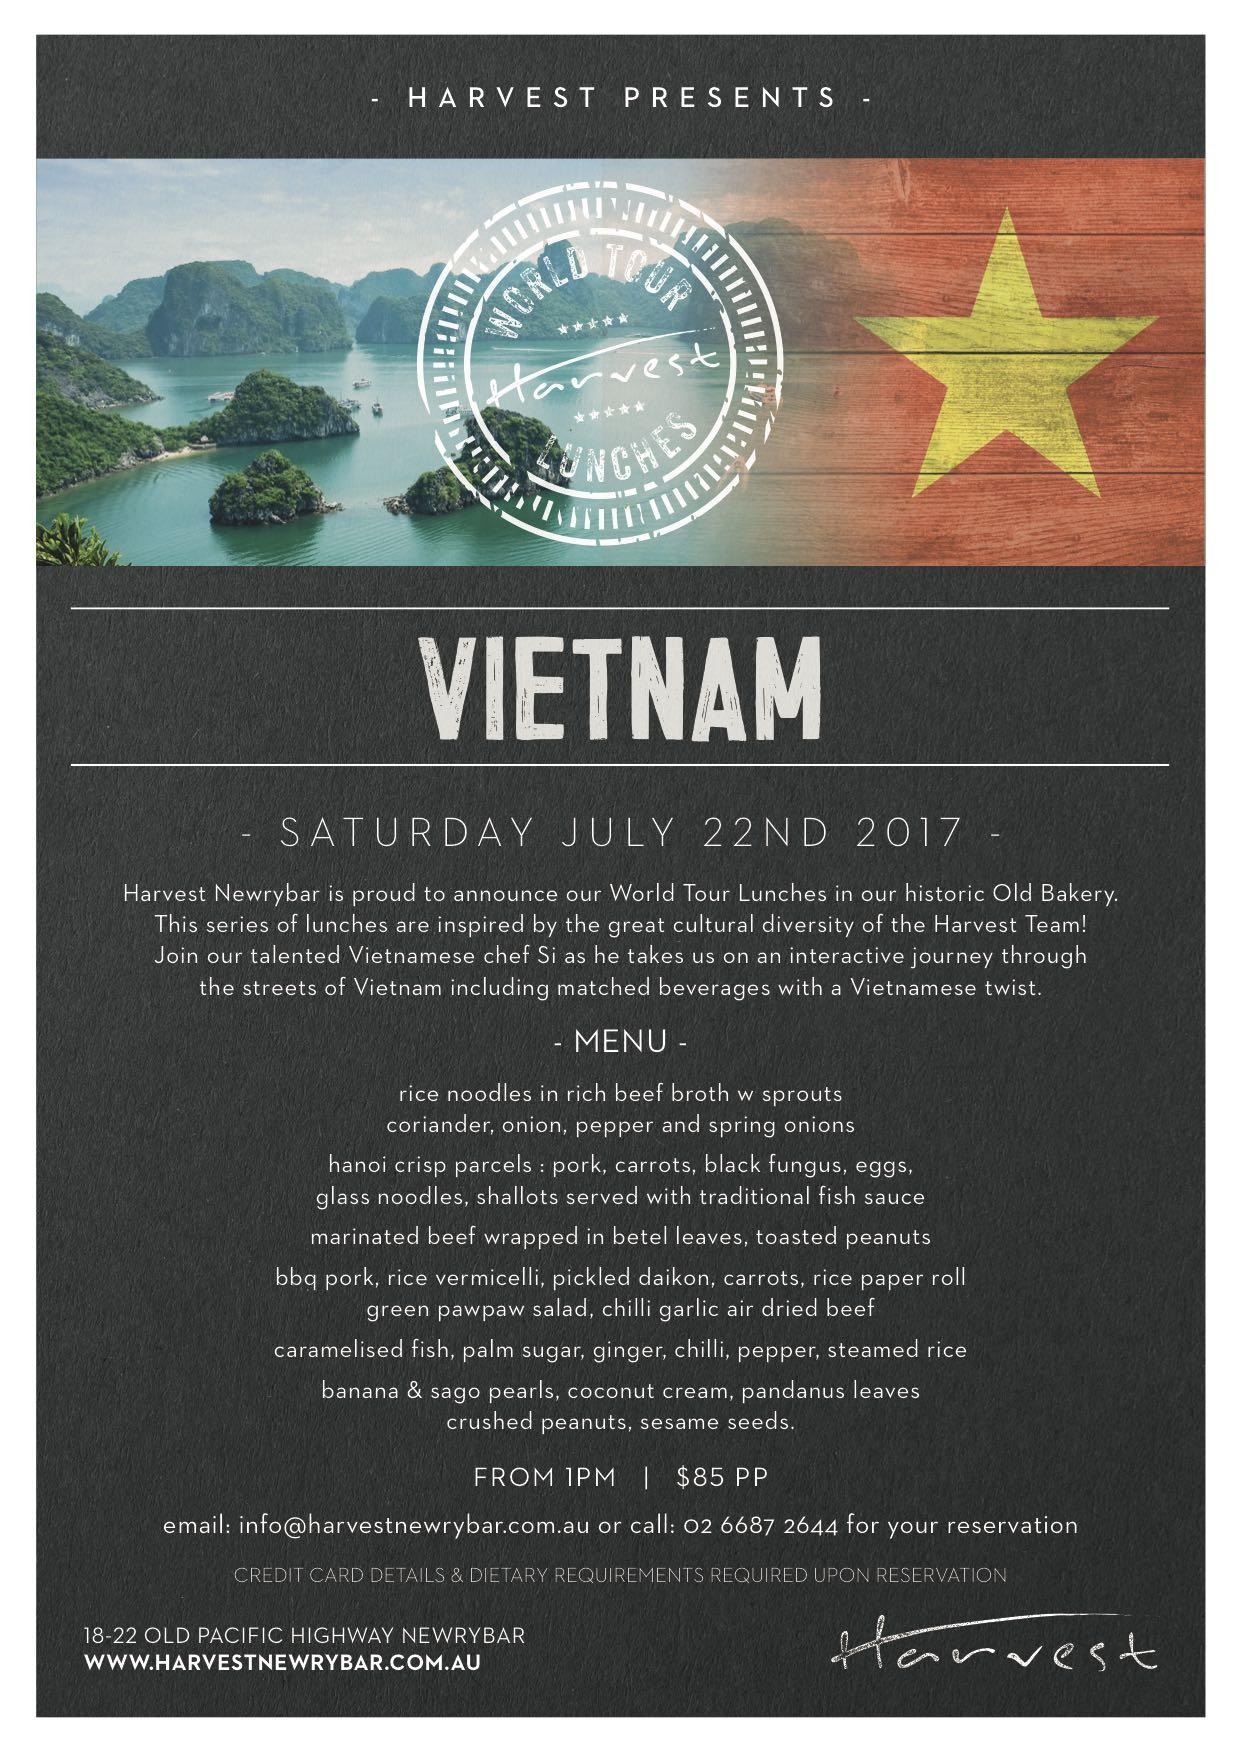 HVST-WORLD-TOUR-VIETNAM-EDM-VFA4